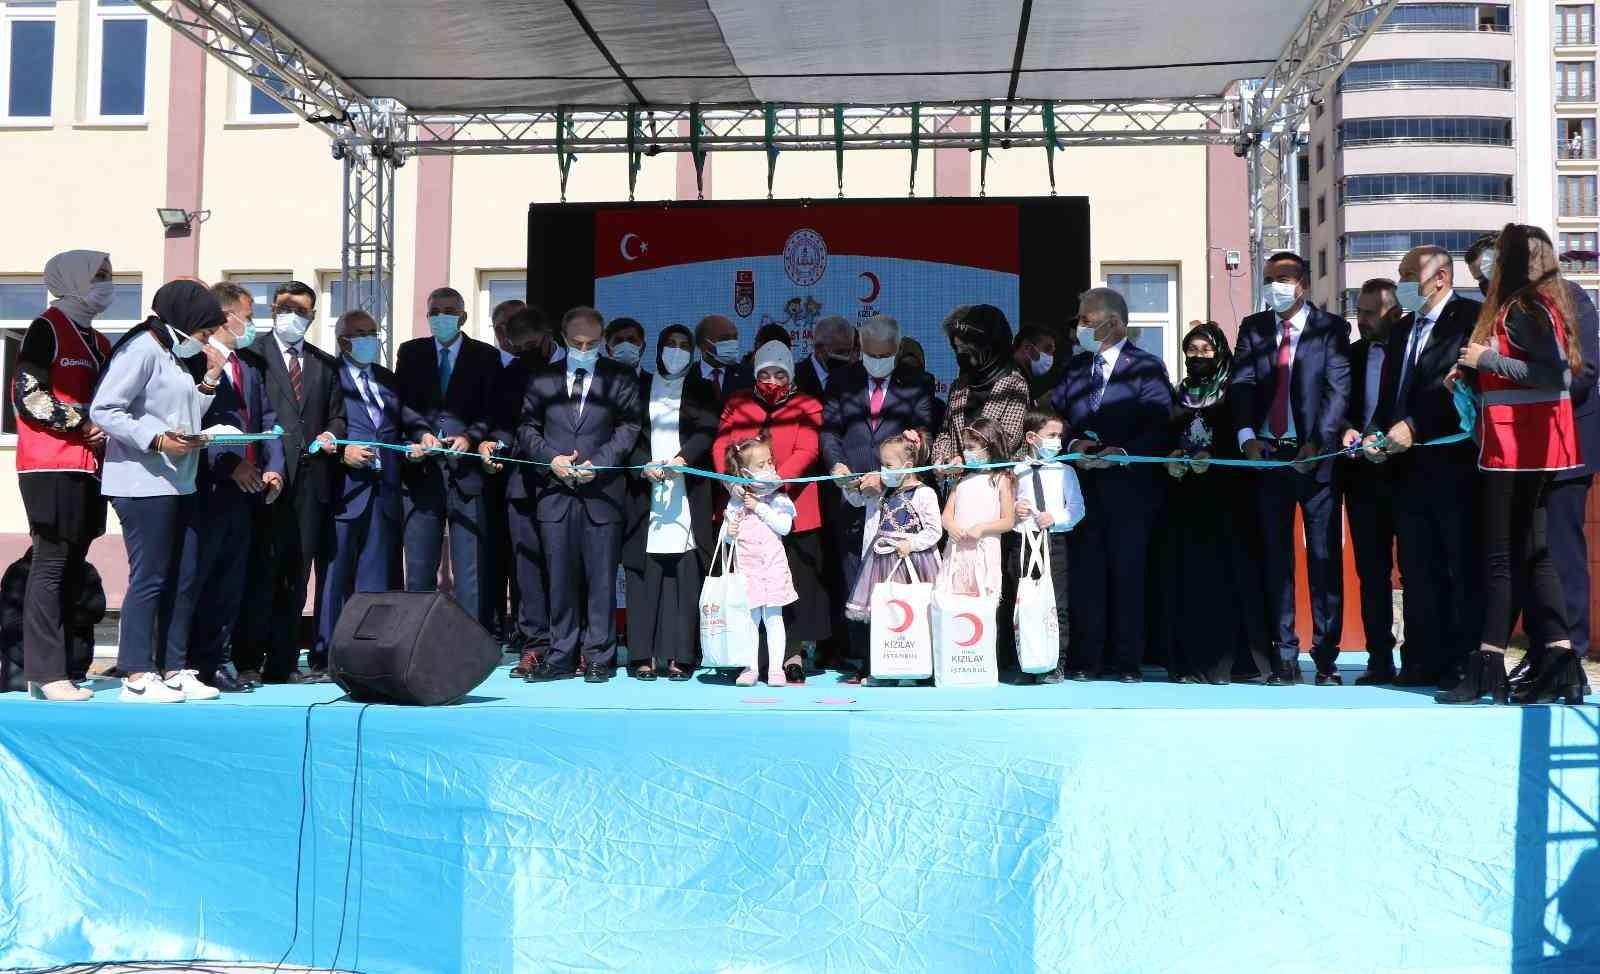 Bayburt Group tarafından yaptırılan camii ve anaokulunun açılışı Yıldırım'ın katılımıyla yapıldı #bayburt